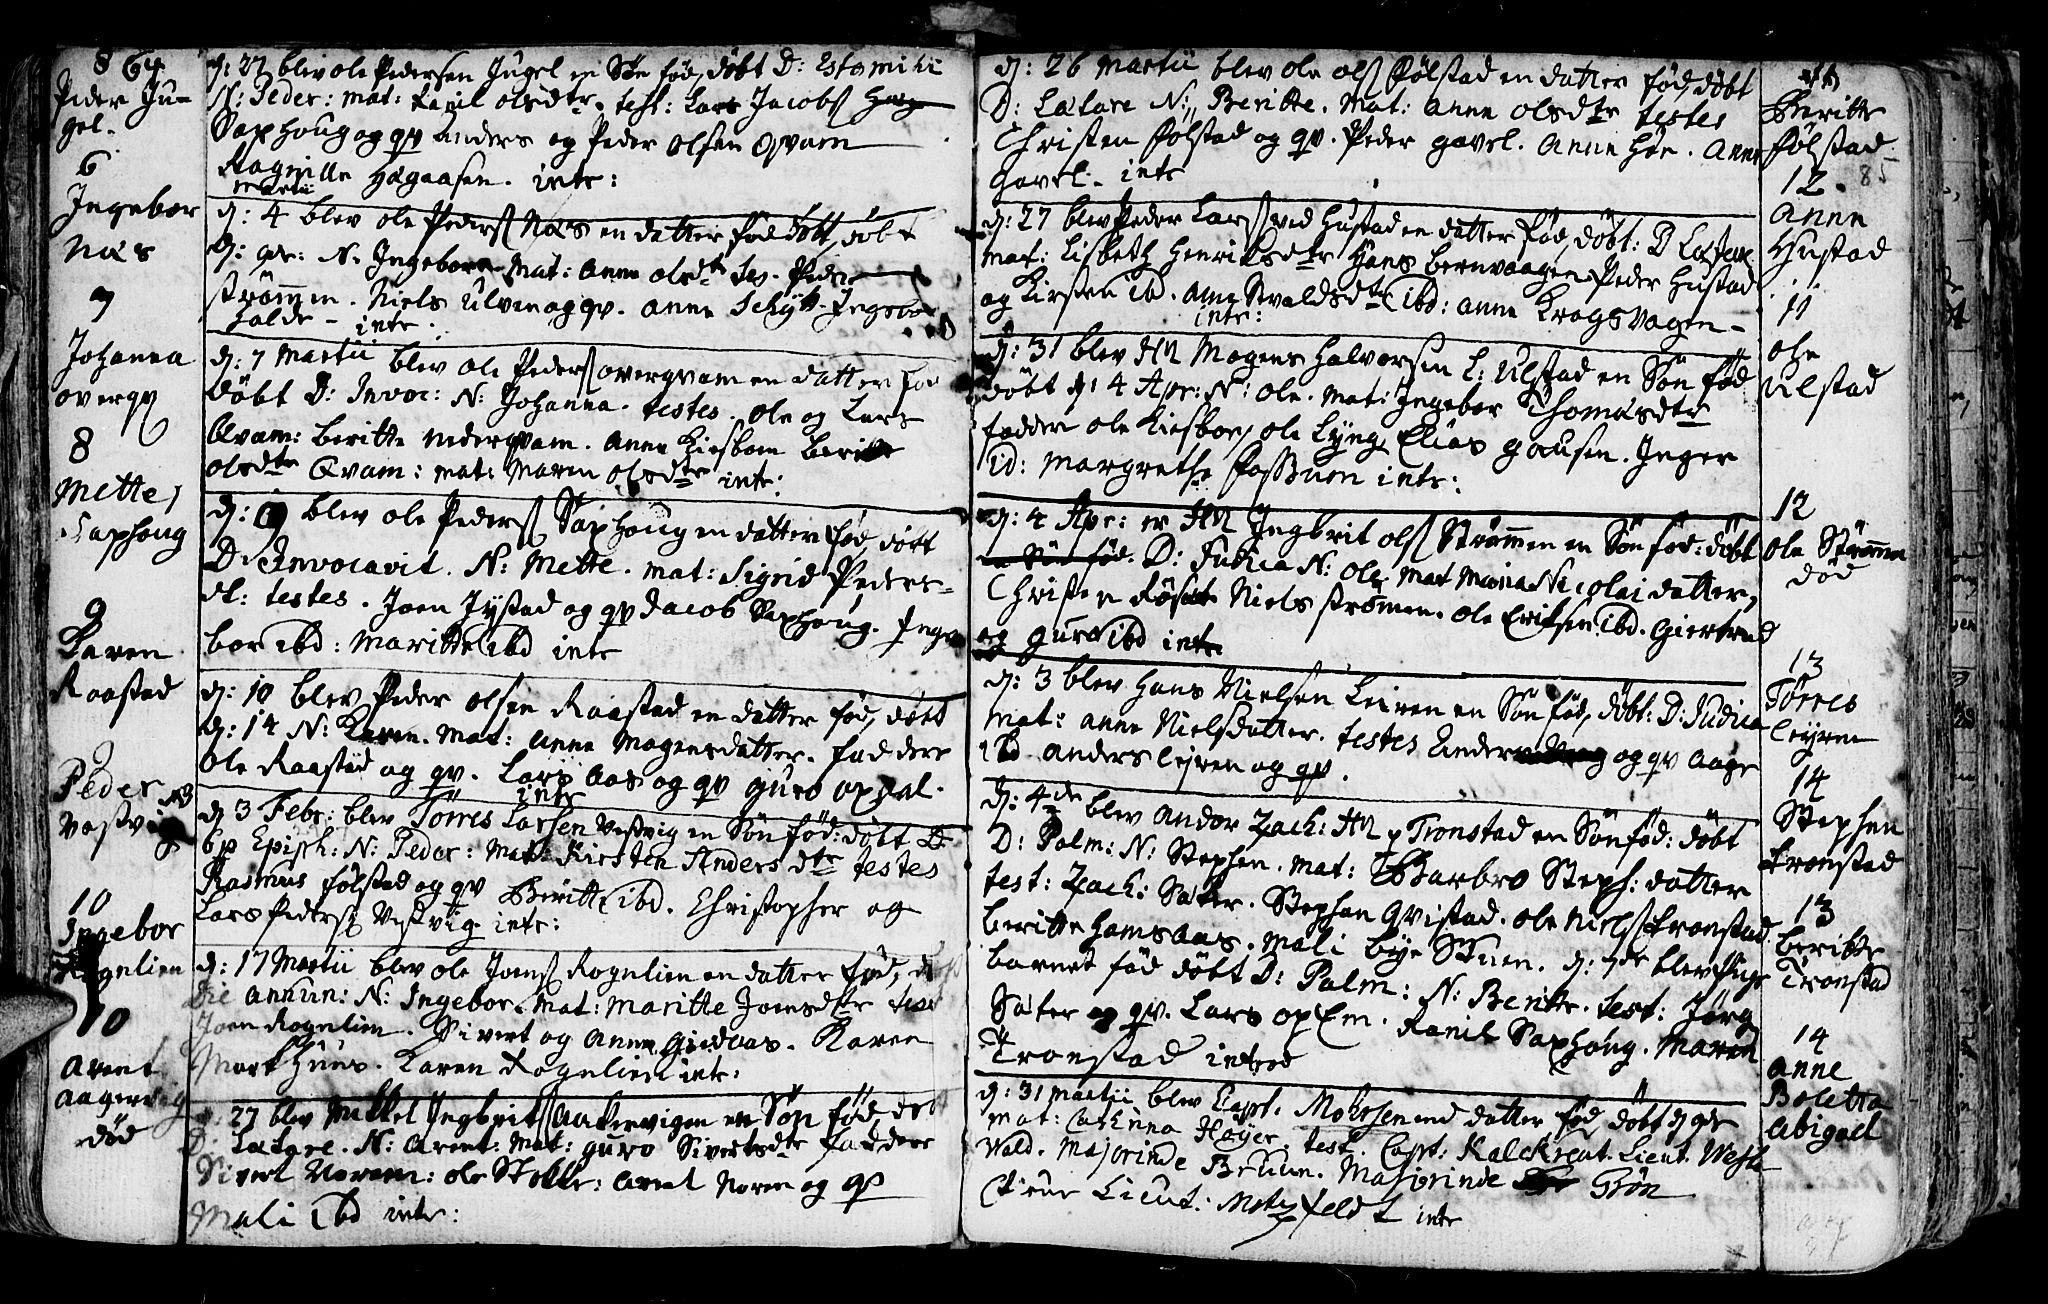 SAT, Ministerialprotokoller, klokkerbøker og fødselsregistre - Nord-Trøndelag, 730/L0273: Ministerialbok nr. 730A02, 1762-1802, s. 85